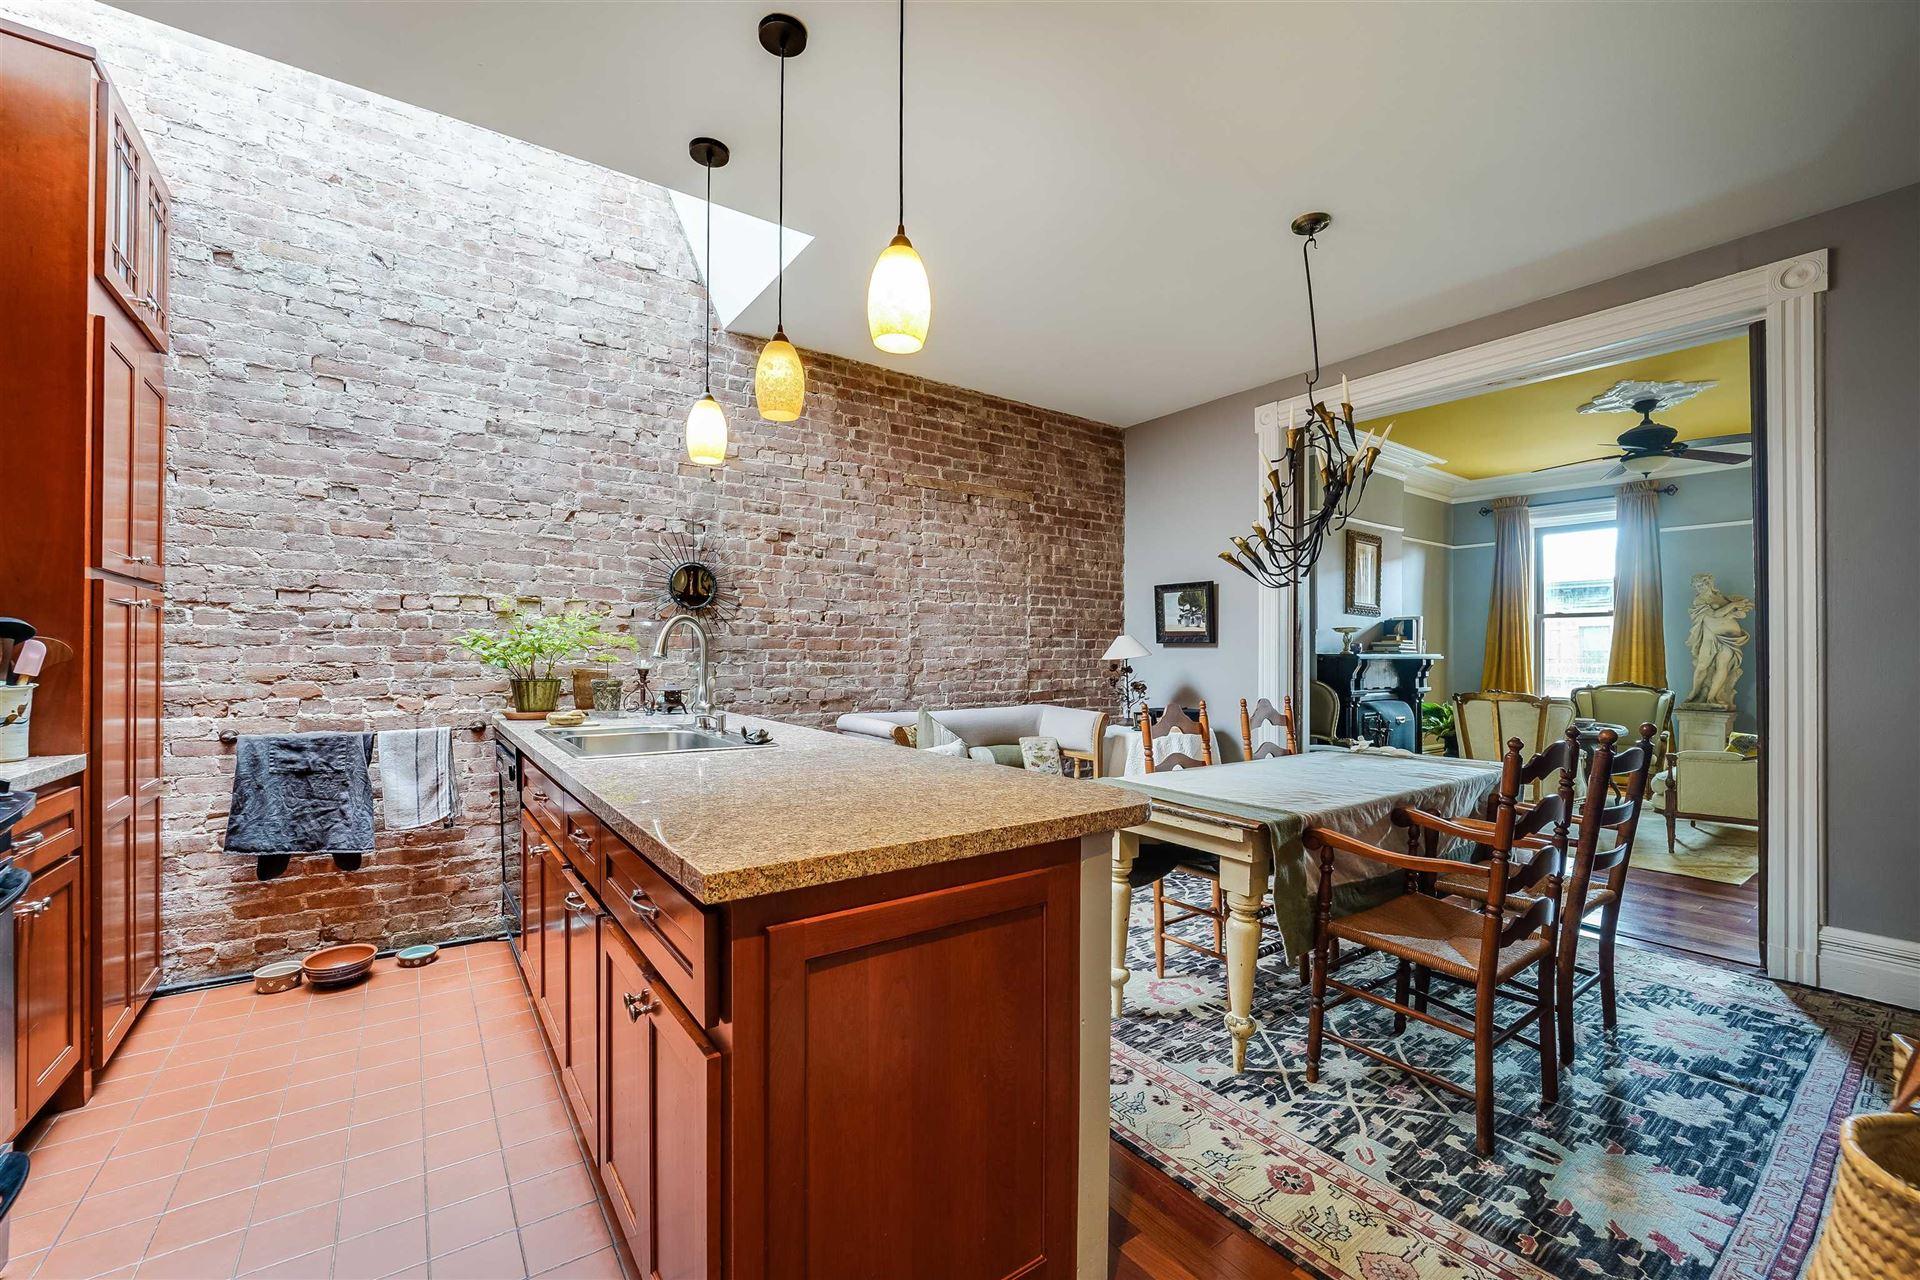 1031 WASHINGTON ST #5                                                                               Hoboken                                                                      , NJ - $749,900